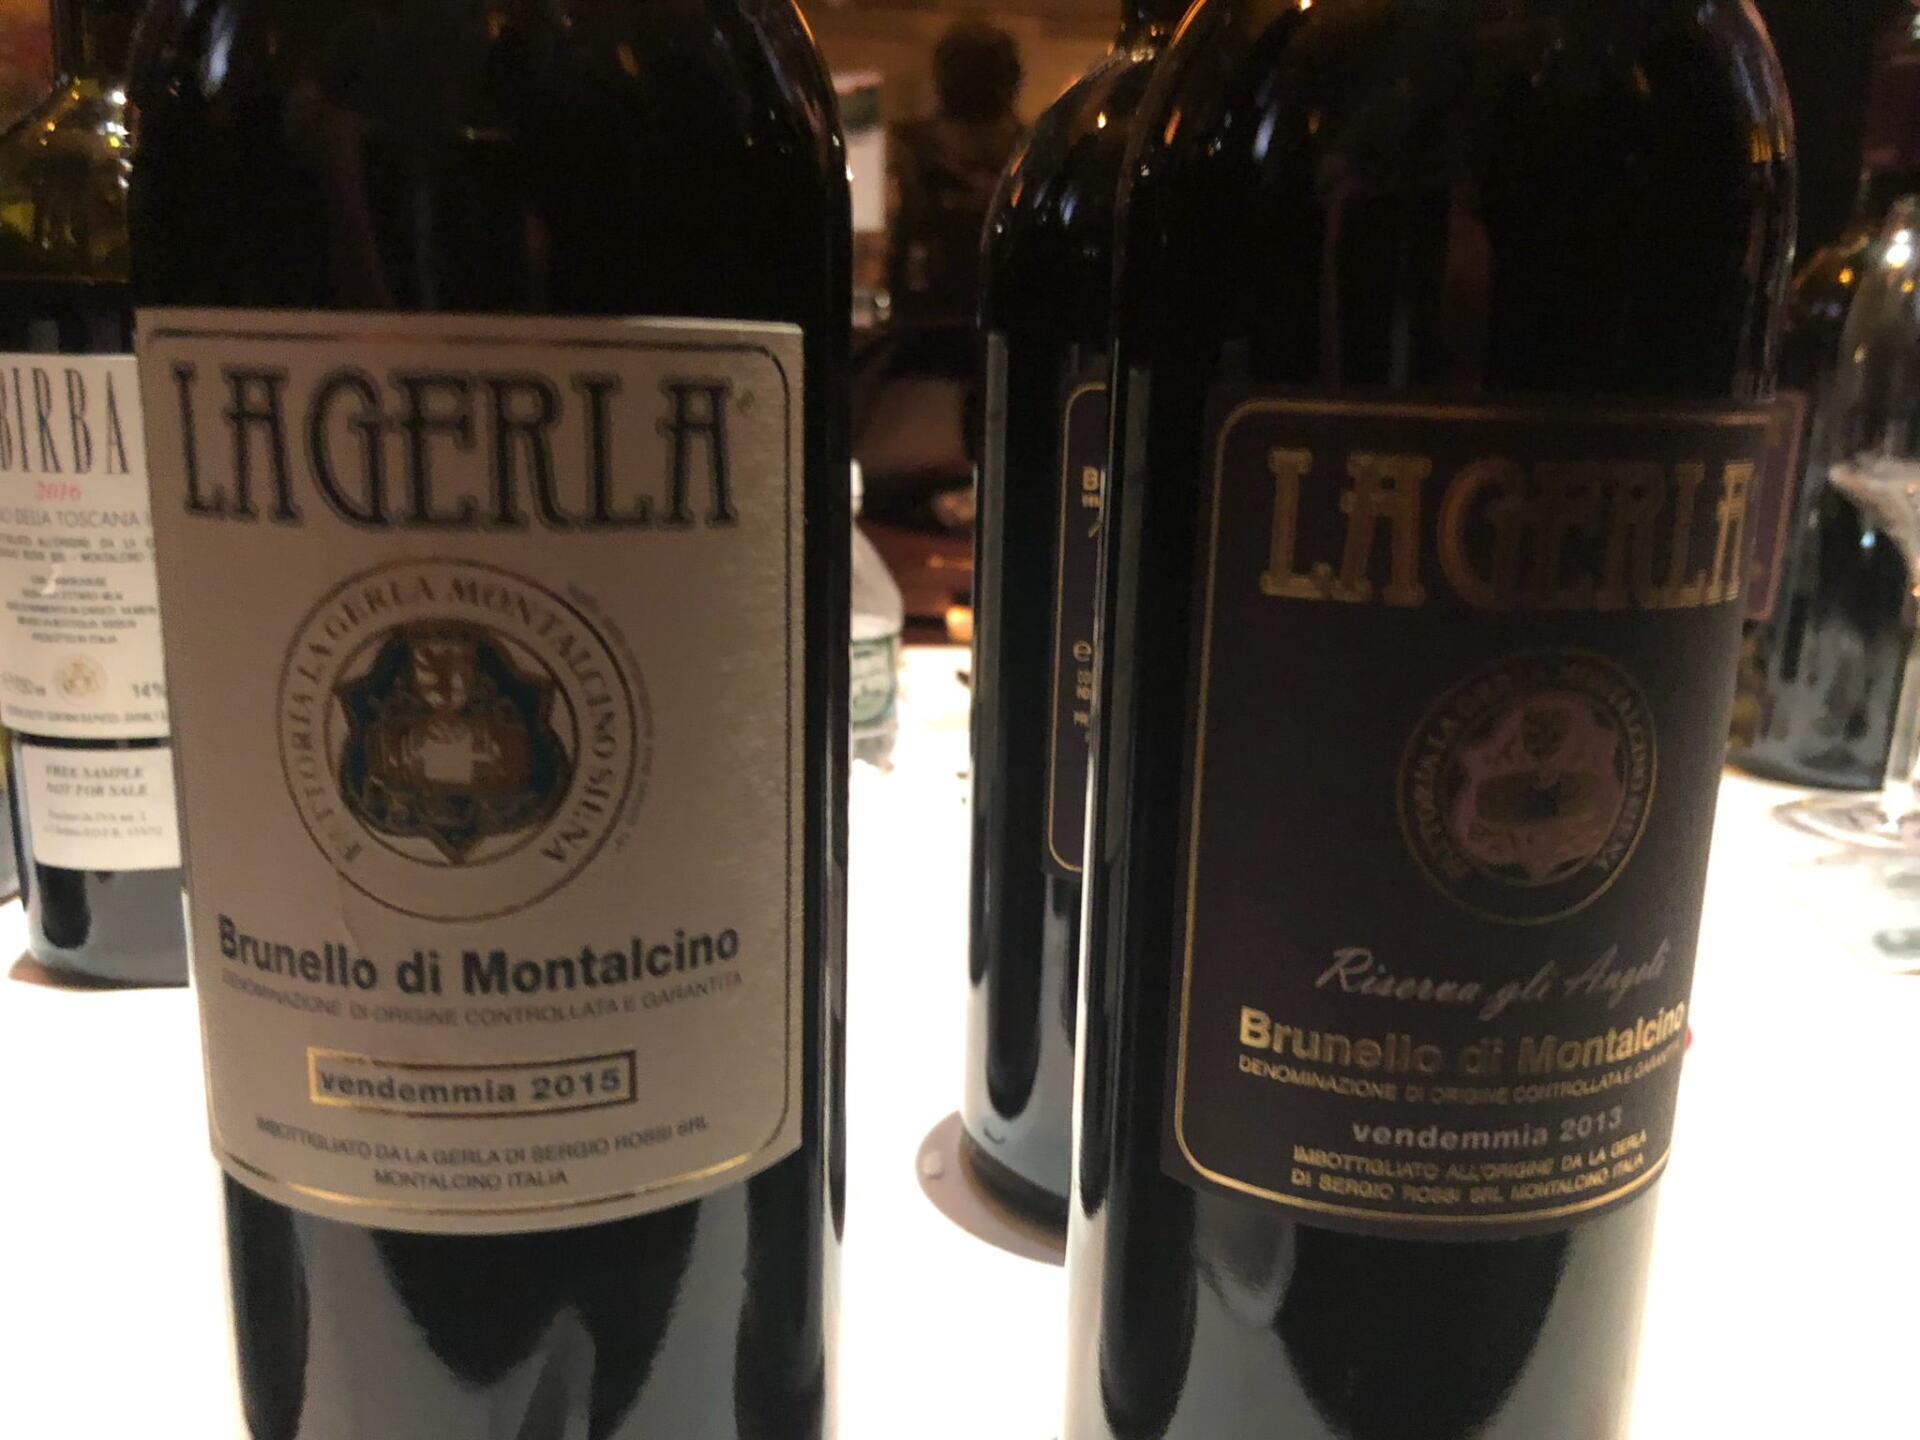 La Gerla Brunello Bottles